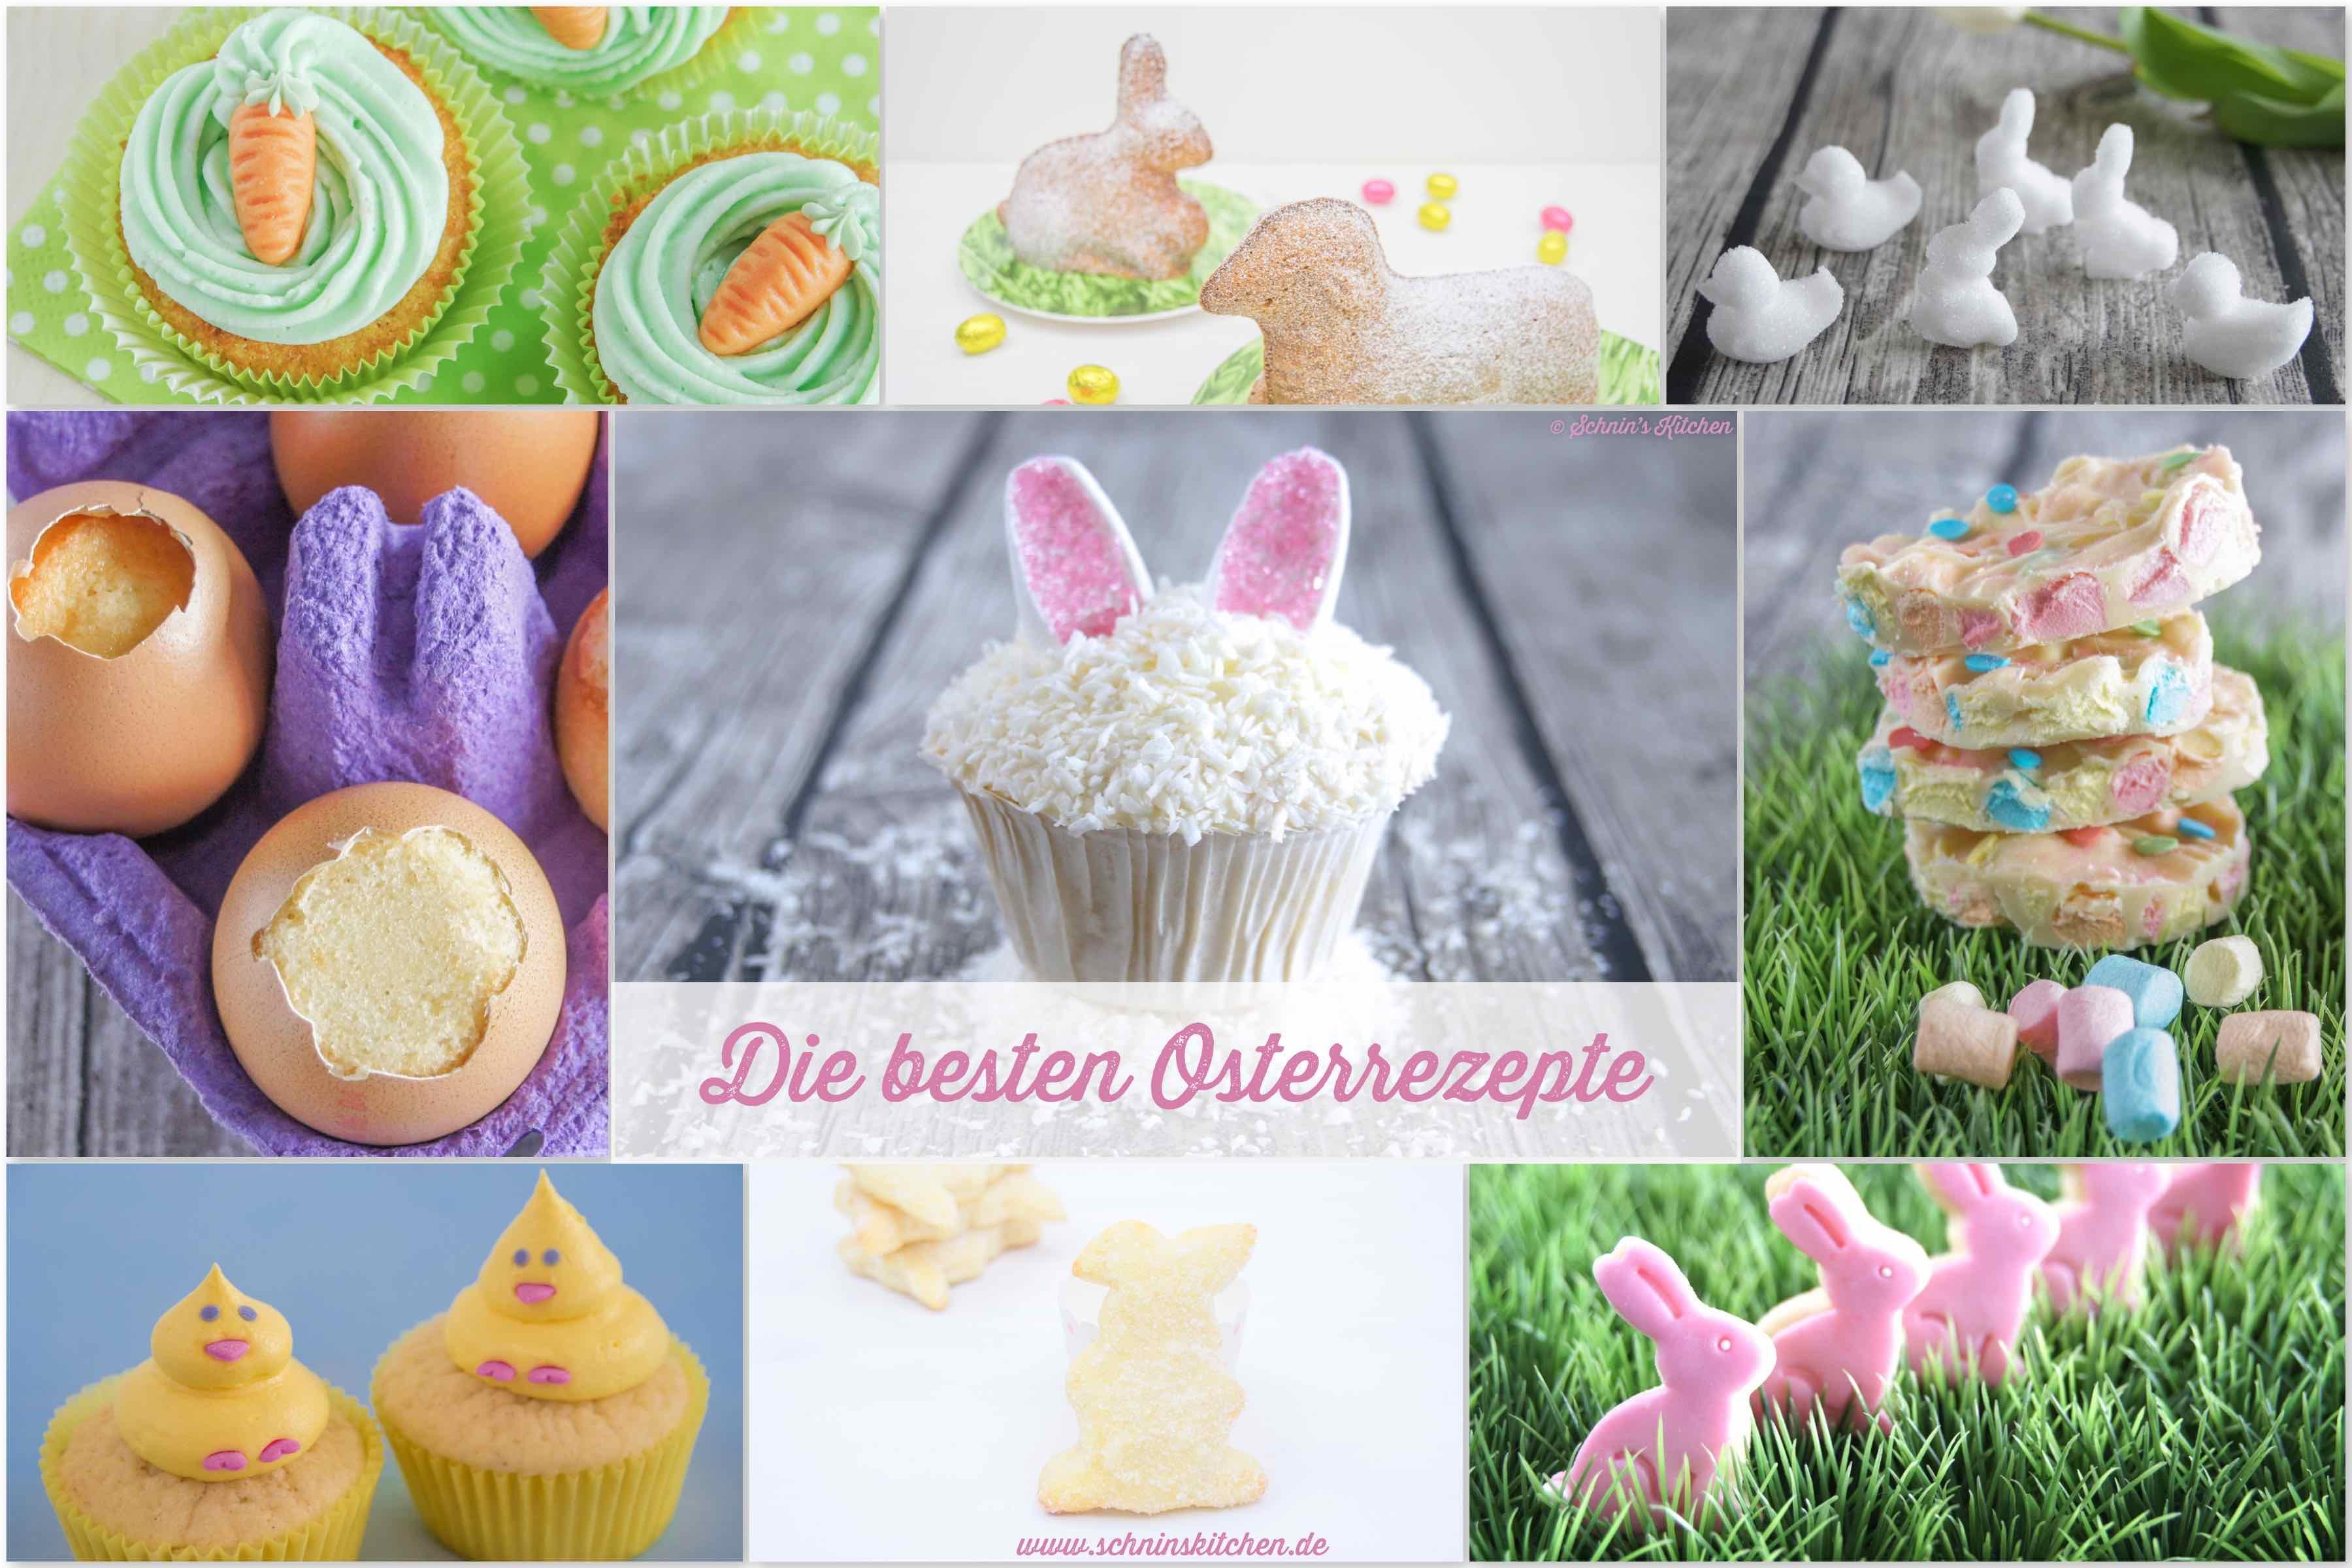 Die besten Osterrezepte, DIYs und Ideen rund um Ostern | www.schninskitchen.de